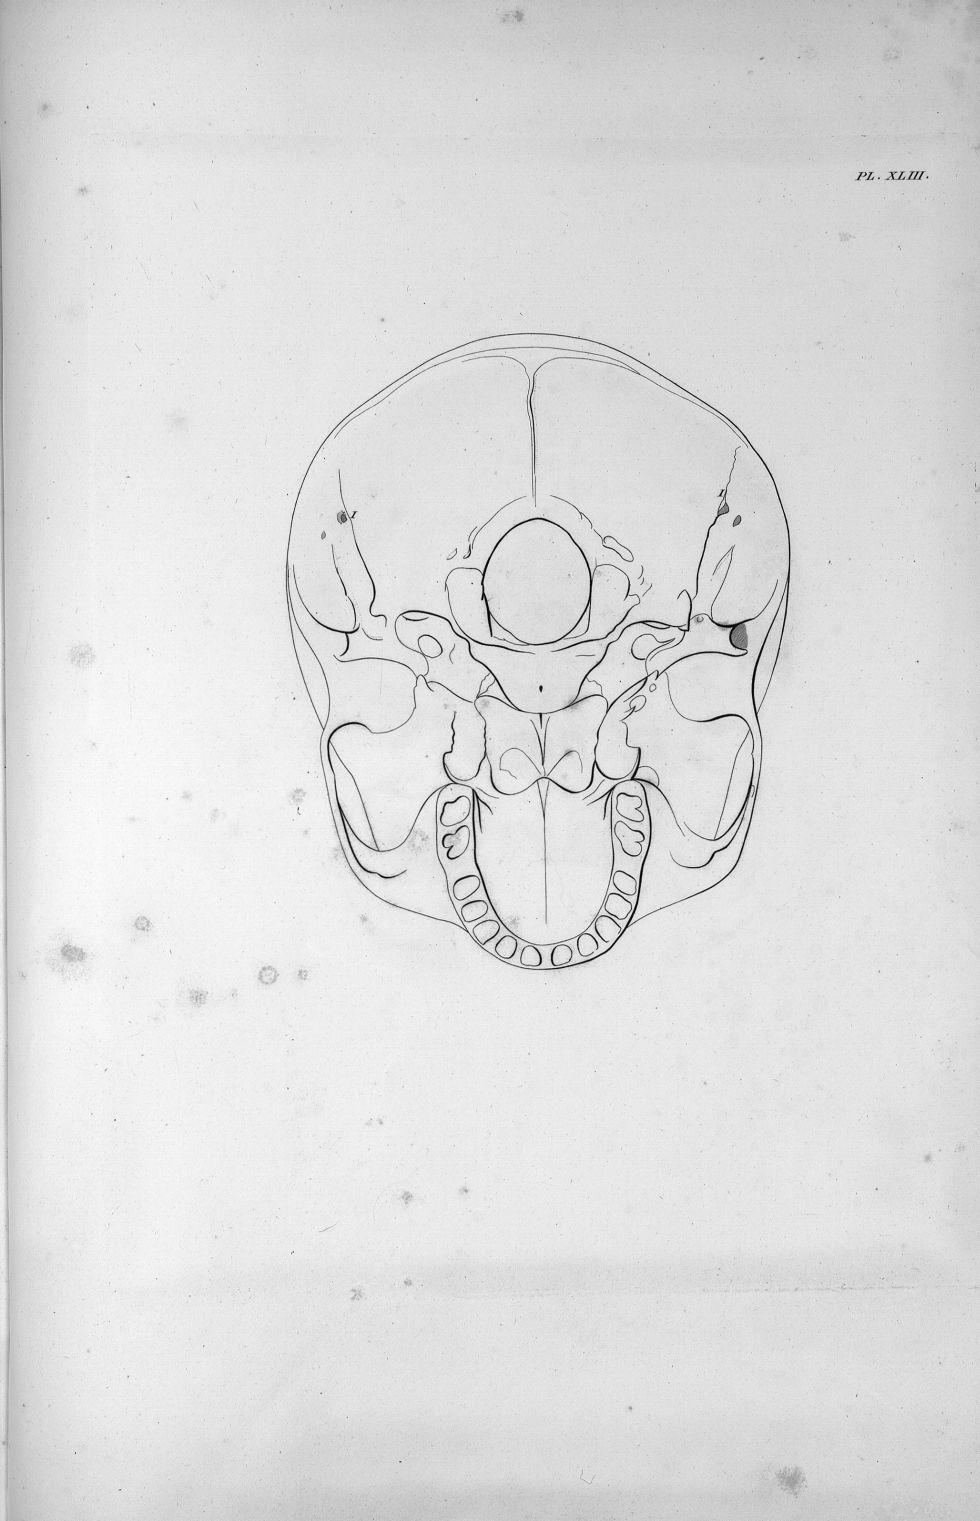 Pl. XLIII. La base du crâne d'un adulte avec le développement ordinaire du cervelet - Anatomie et ph [...] - Anatomie. Neurologie. Crânes. 19e siècle (France) - med00575x02x0381